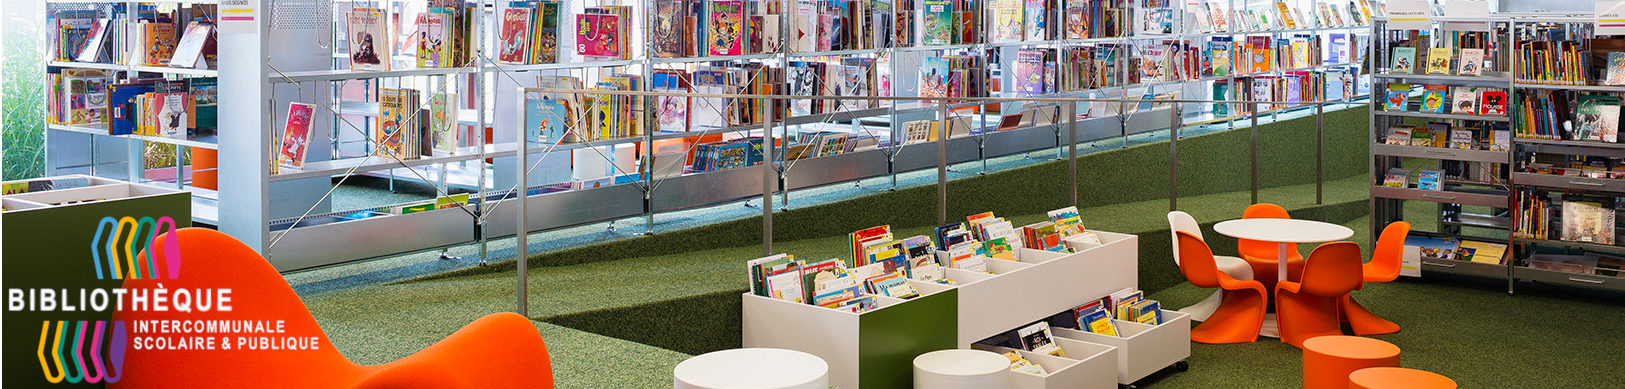 Bibliothèque de Rolle & environs